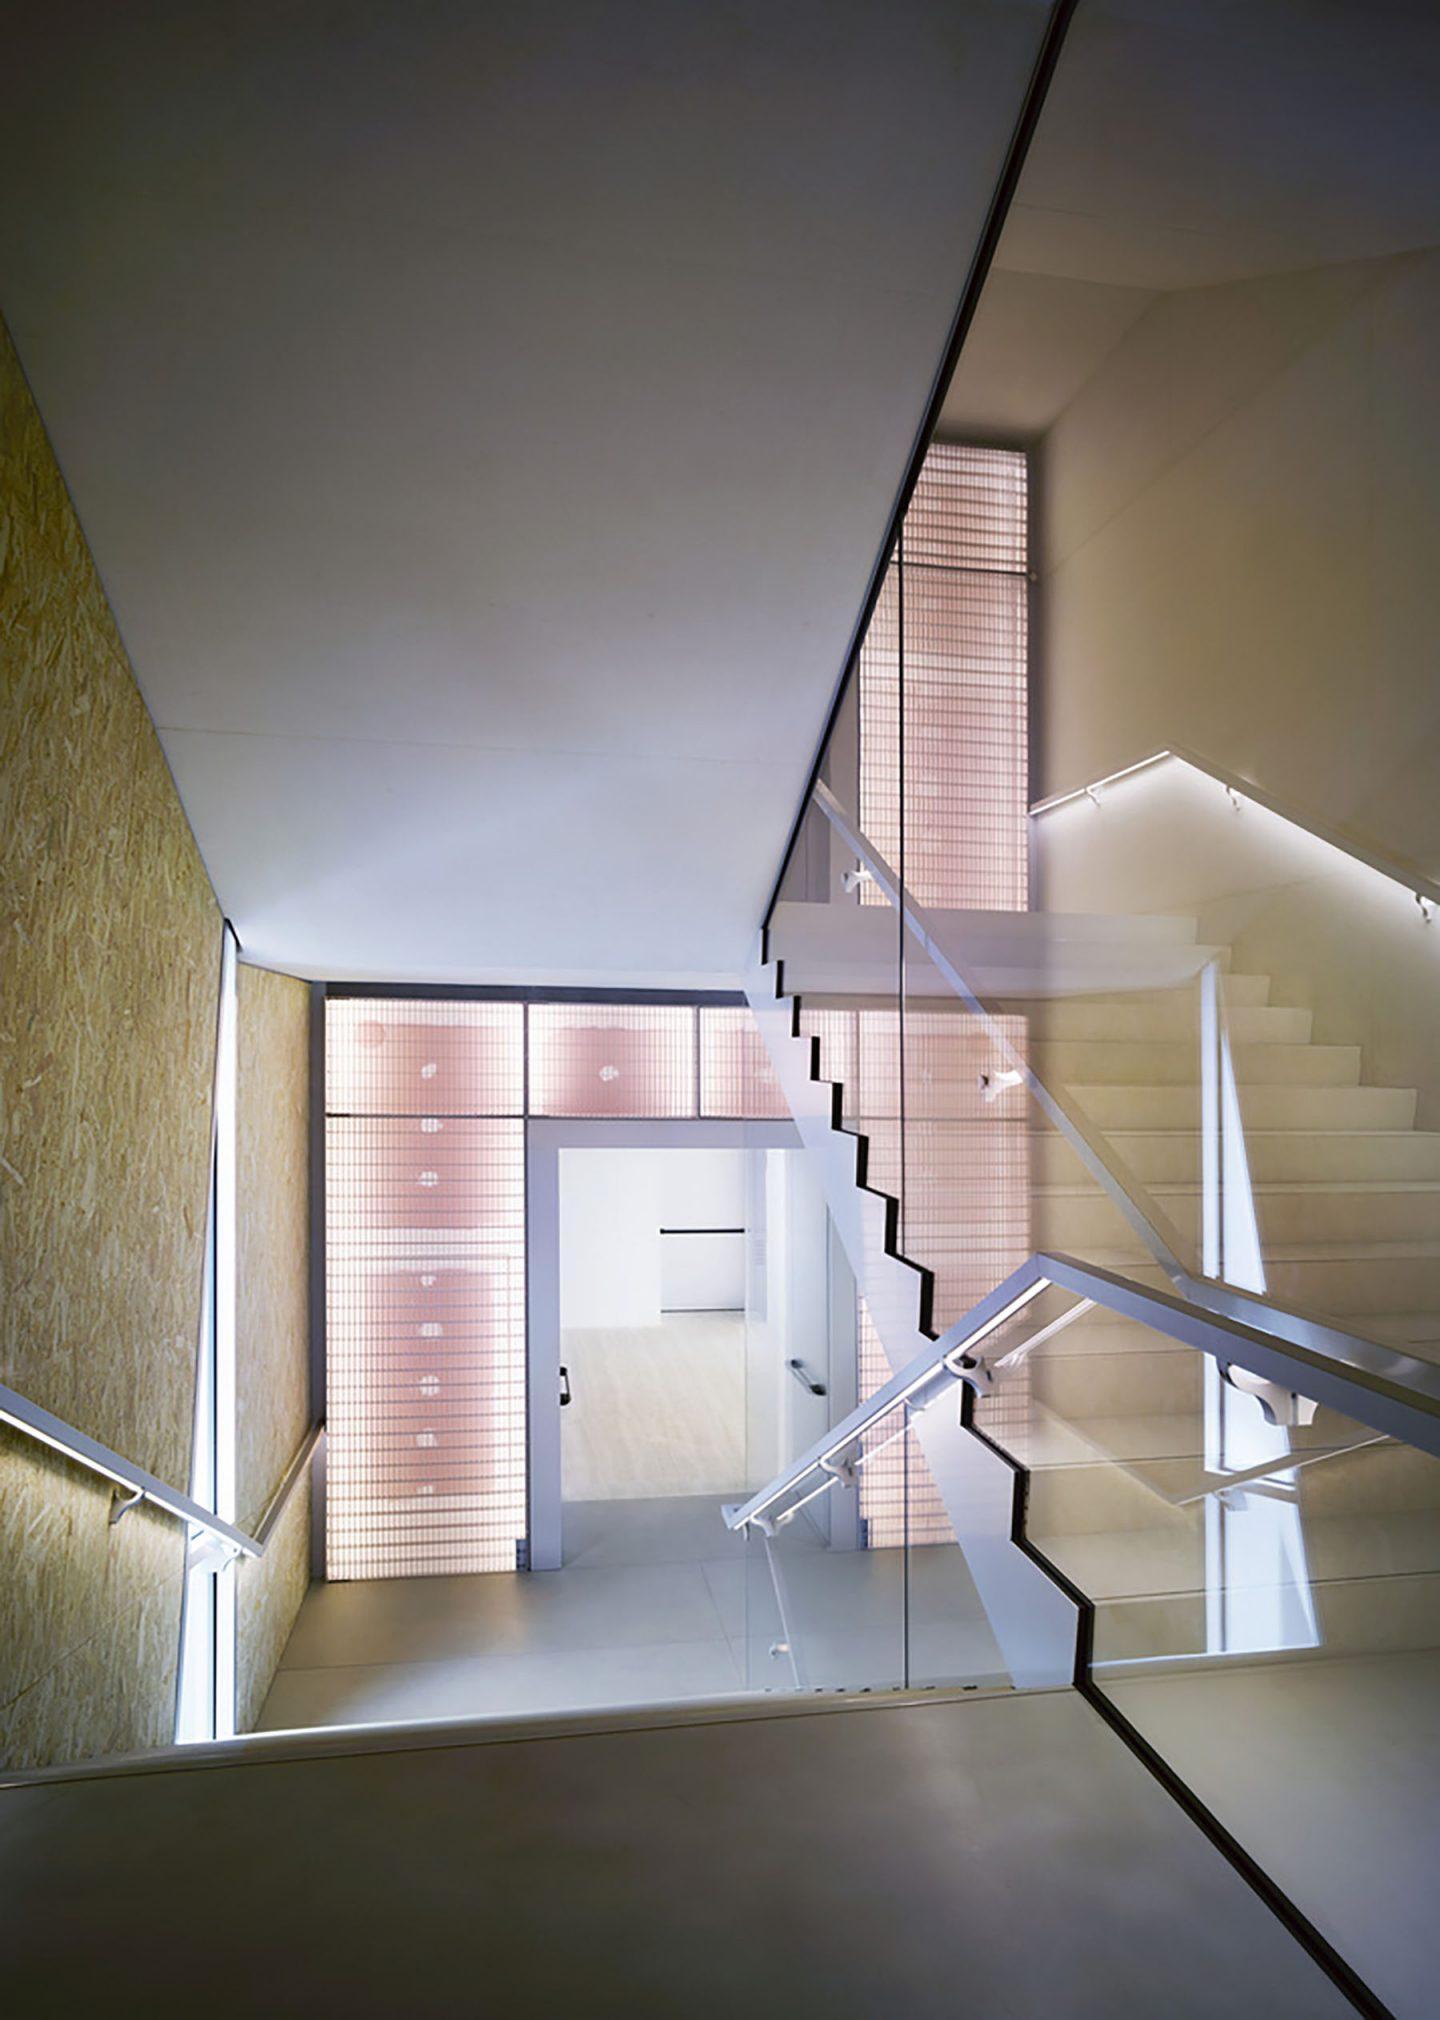 iGNANT-Design-OMA-Fondazione-Prada-Torre-019